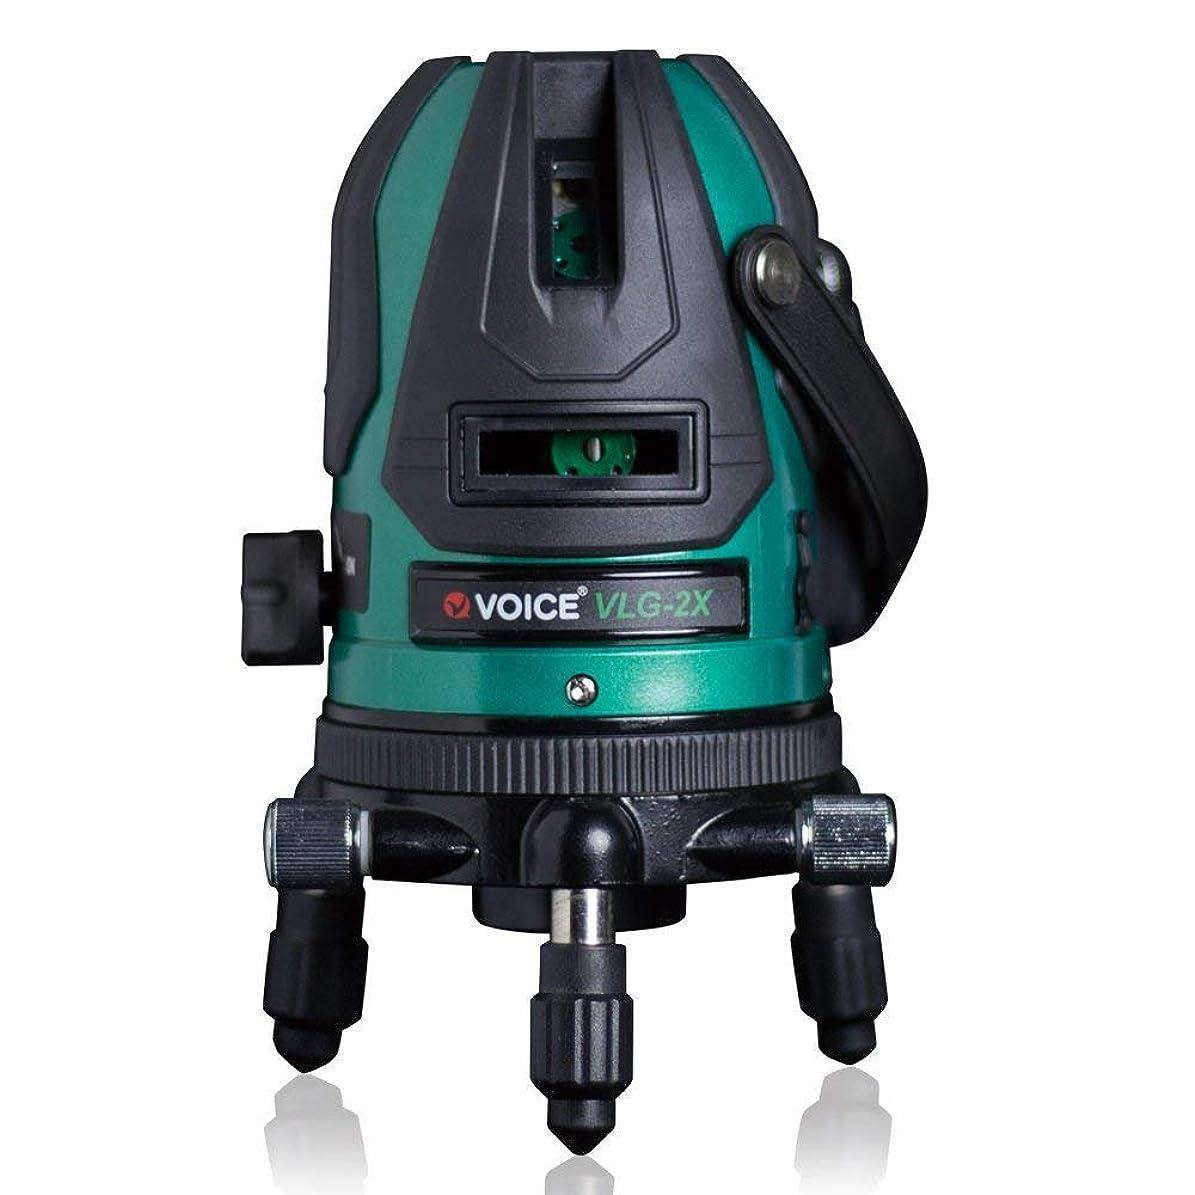 庭園今後バリーVOICE 2ライン グリーンレーザー墨出し器 VLG-2X メーカー1年保証 タテ?ヨコ ライン照射モデル【標準セット】